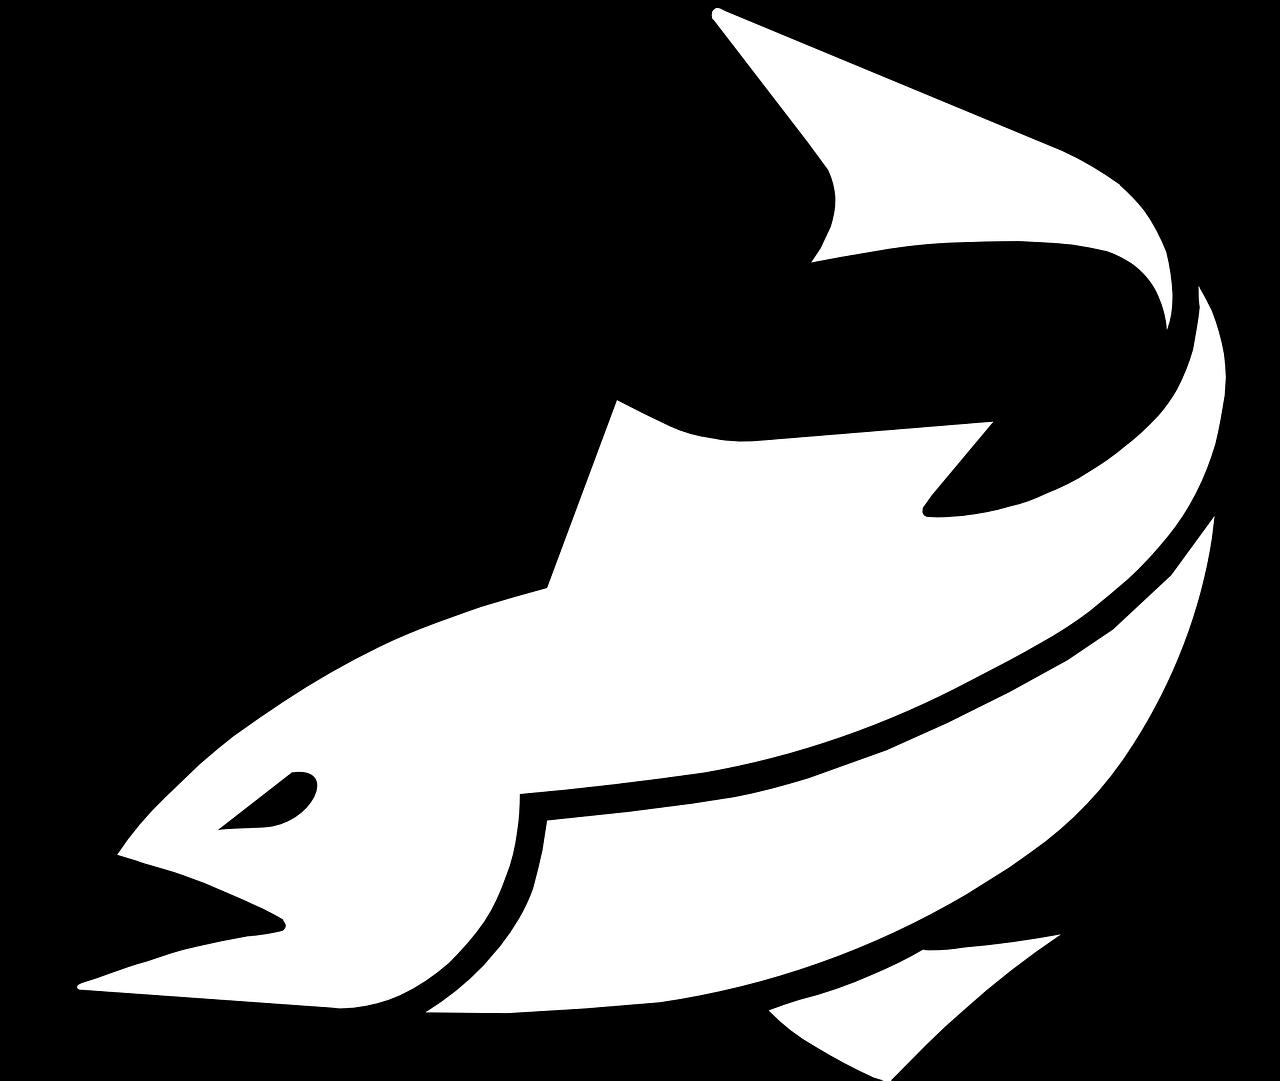 fish-311076_1280.png